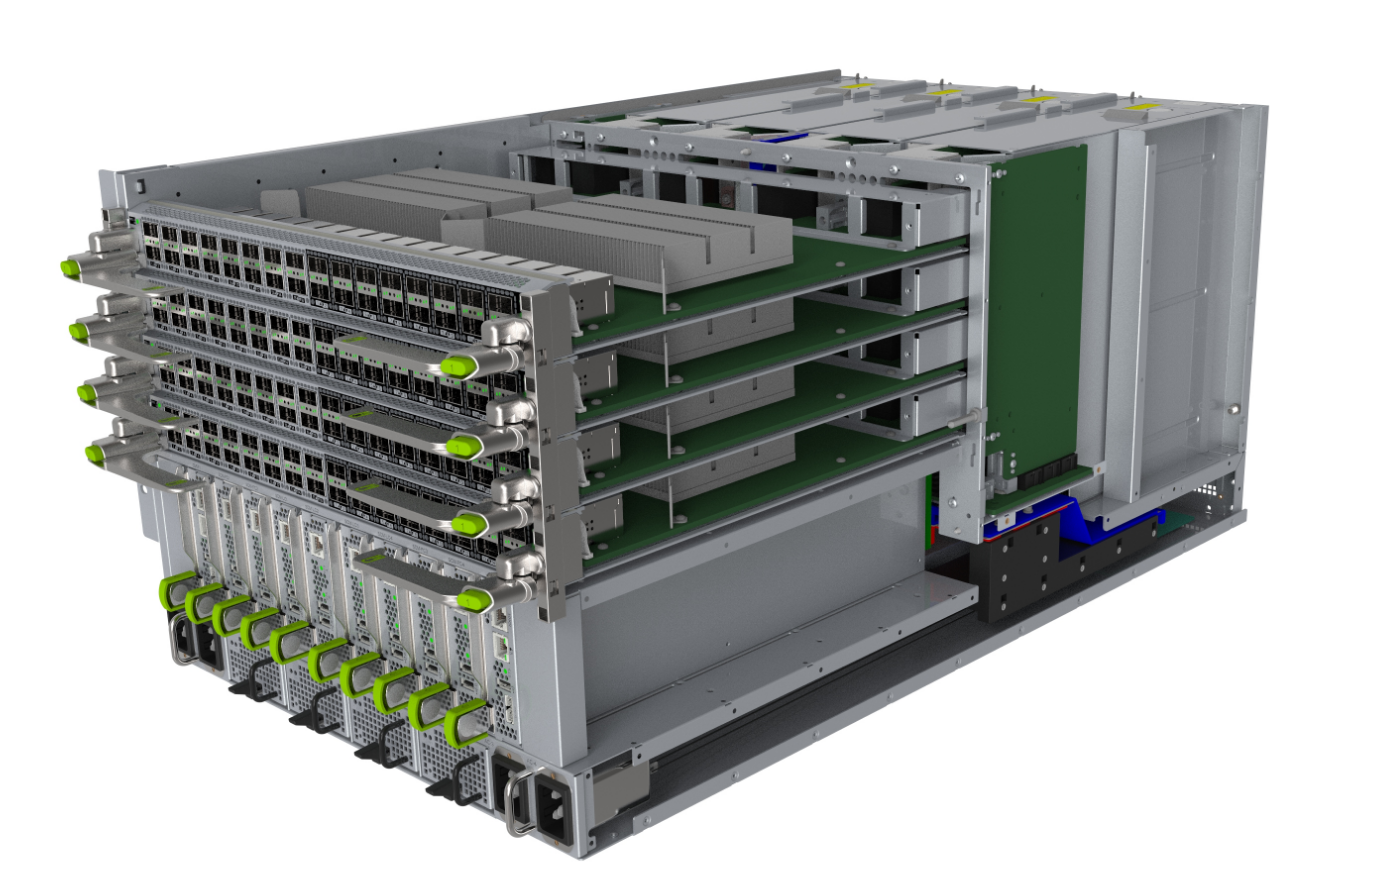 Facebook представила Backpack — второе поколение модульных маршрутизаторов для дата-центров